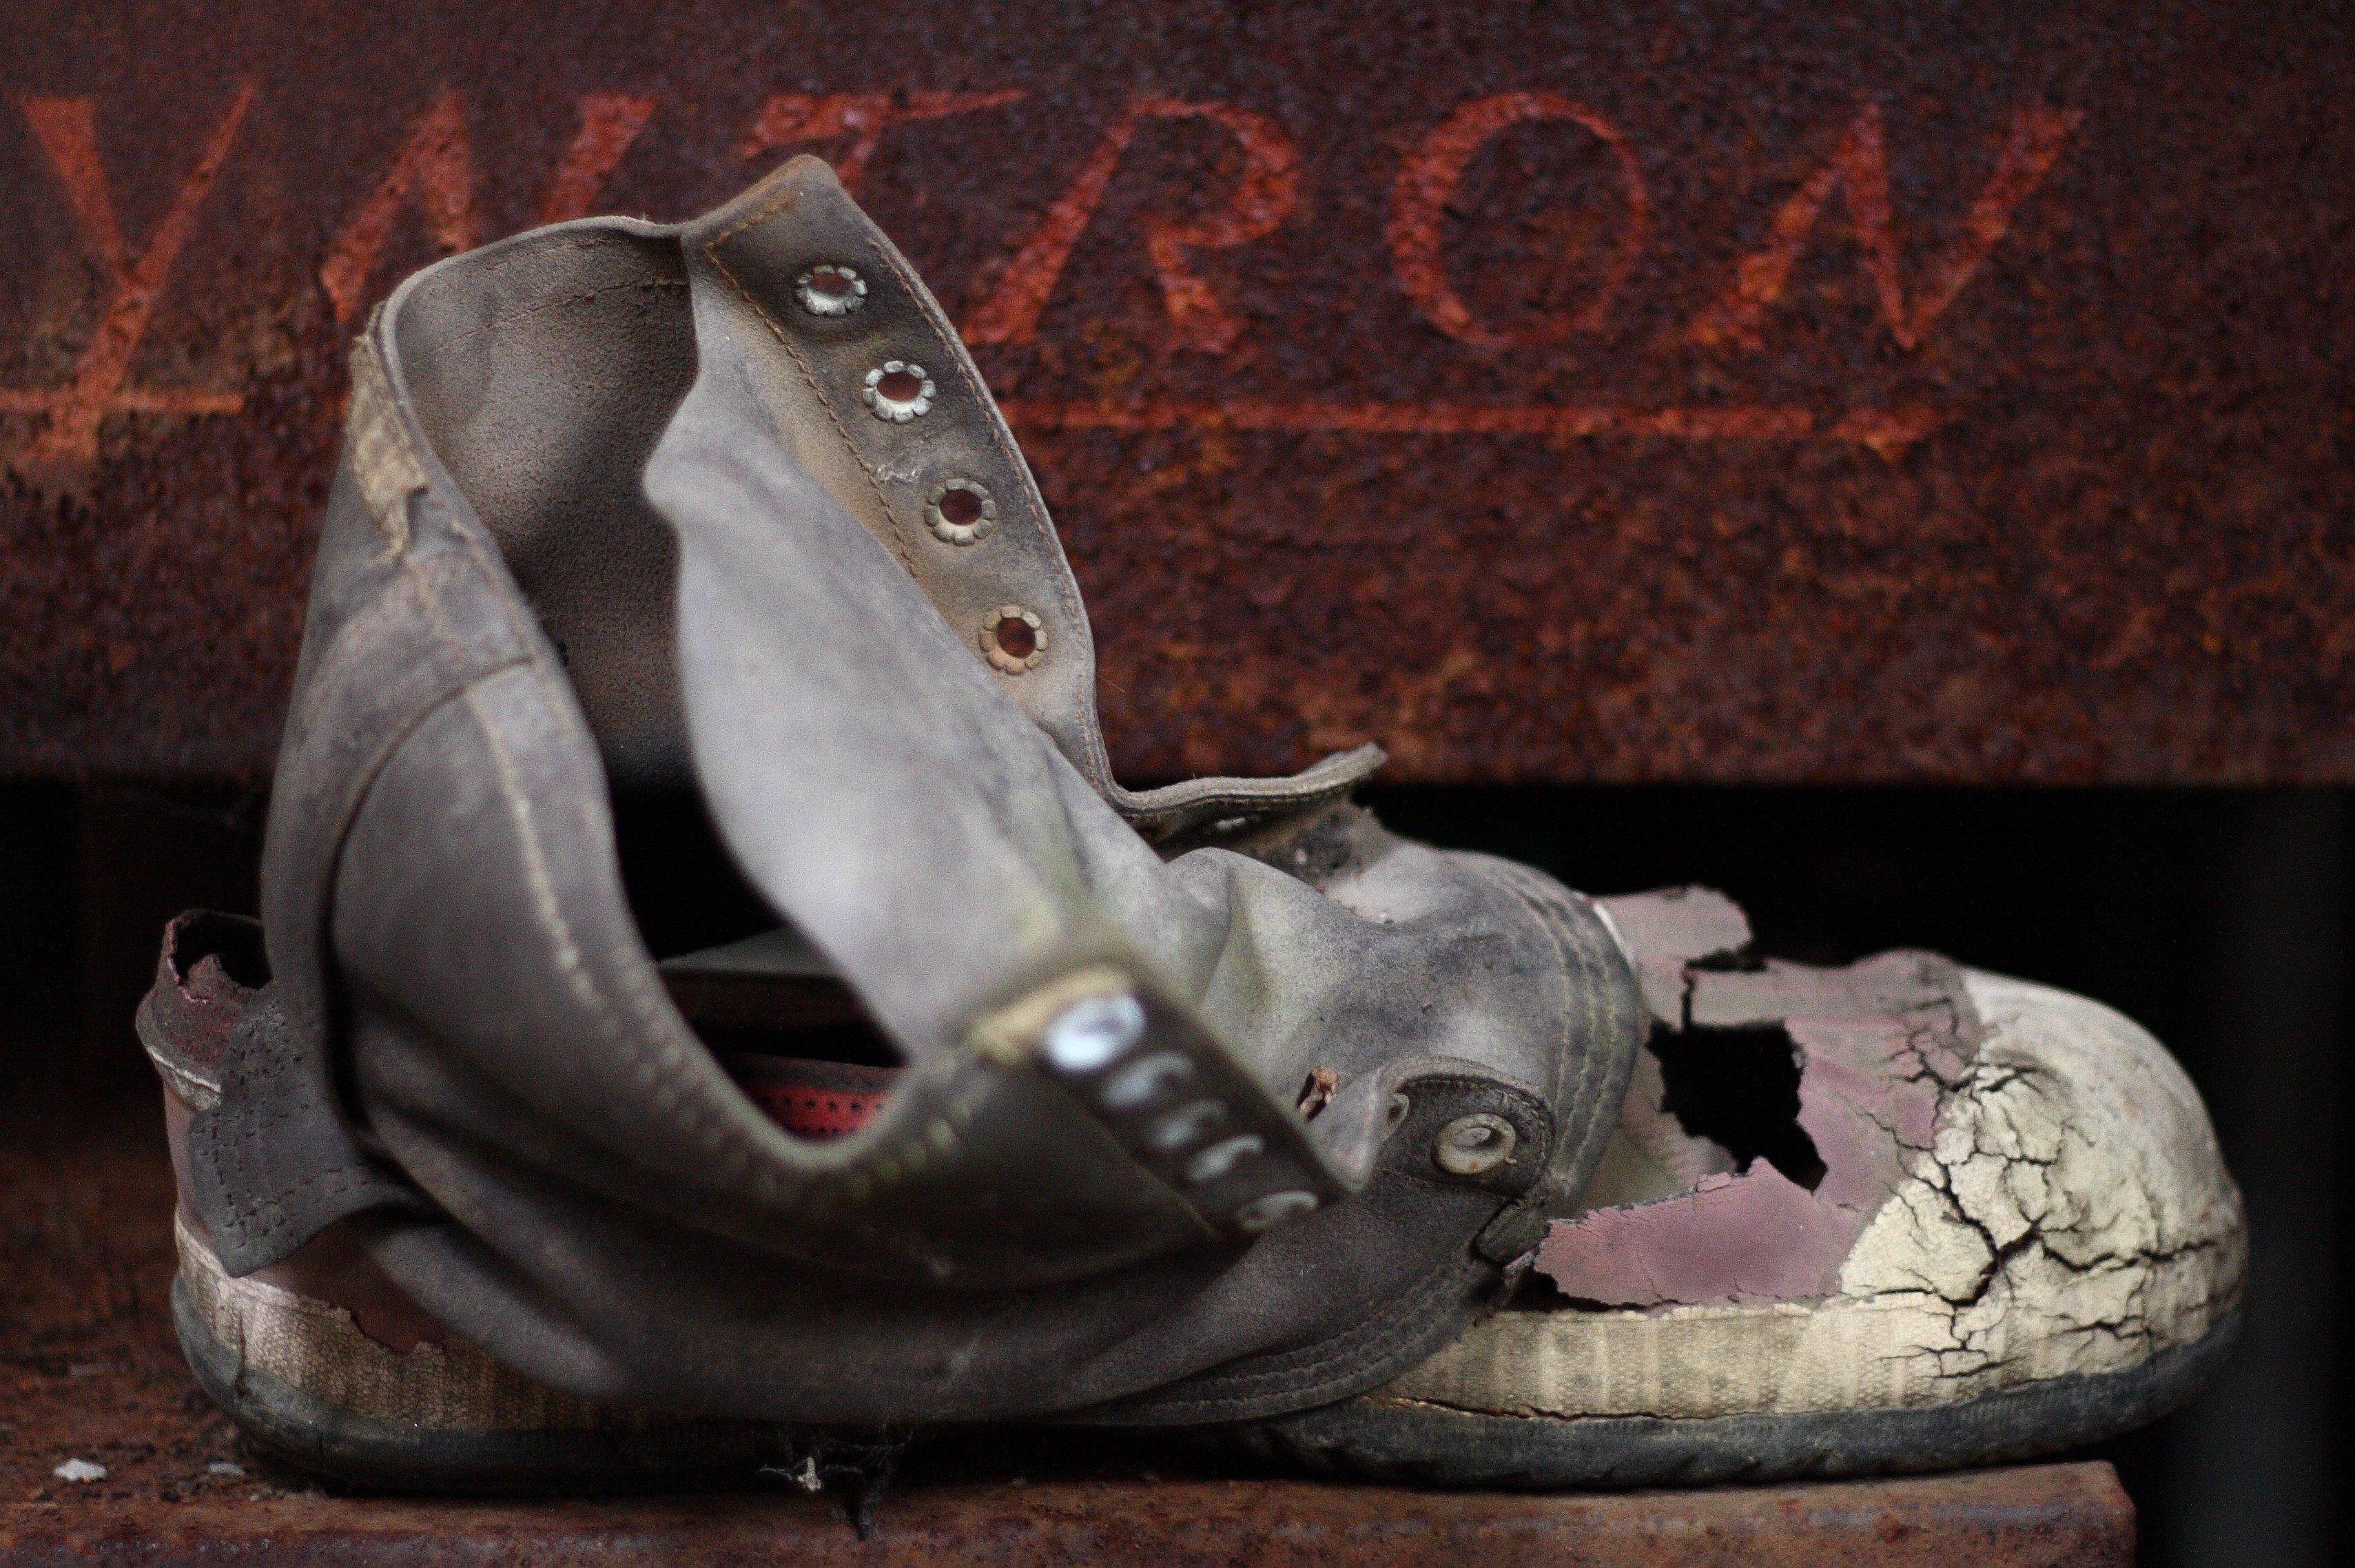 Shoe Rip Repair